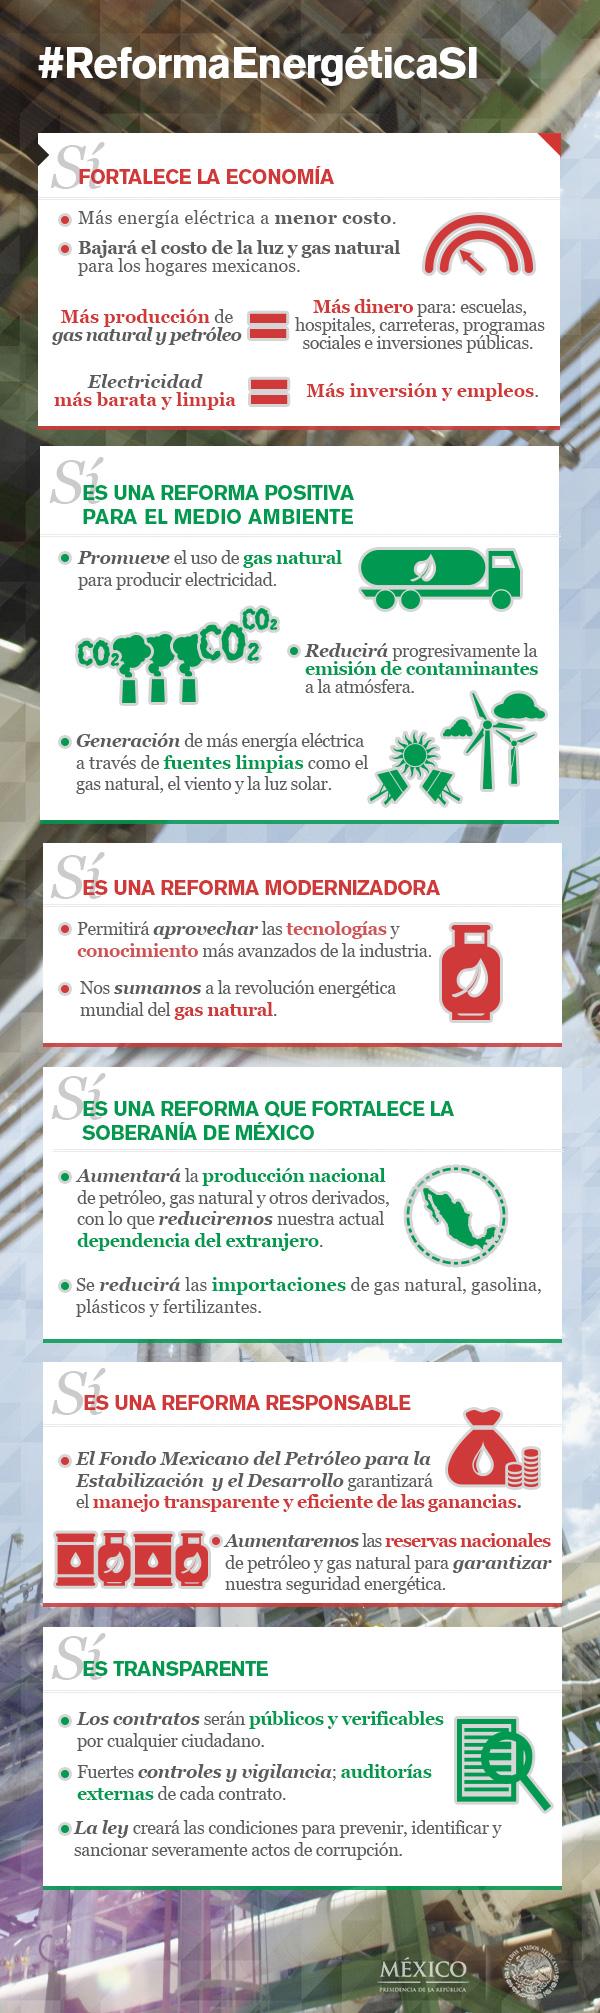 Reforma Energetica Si.jpg